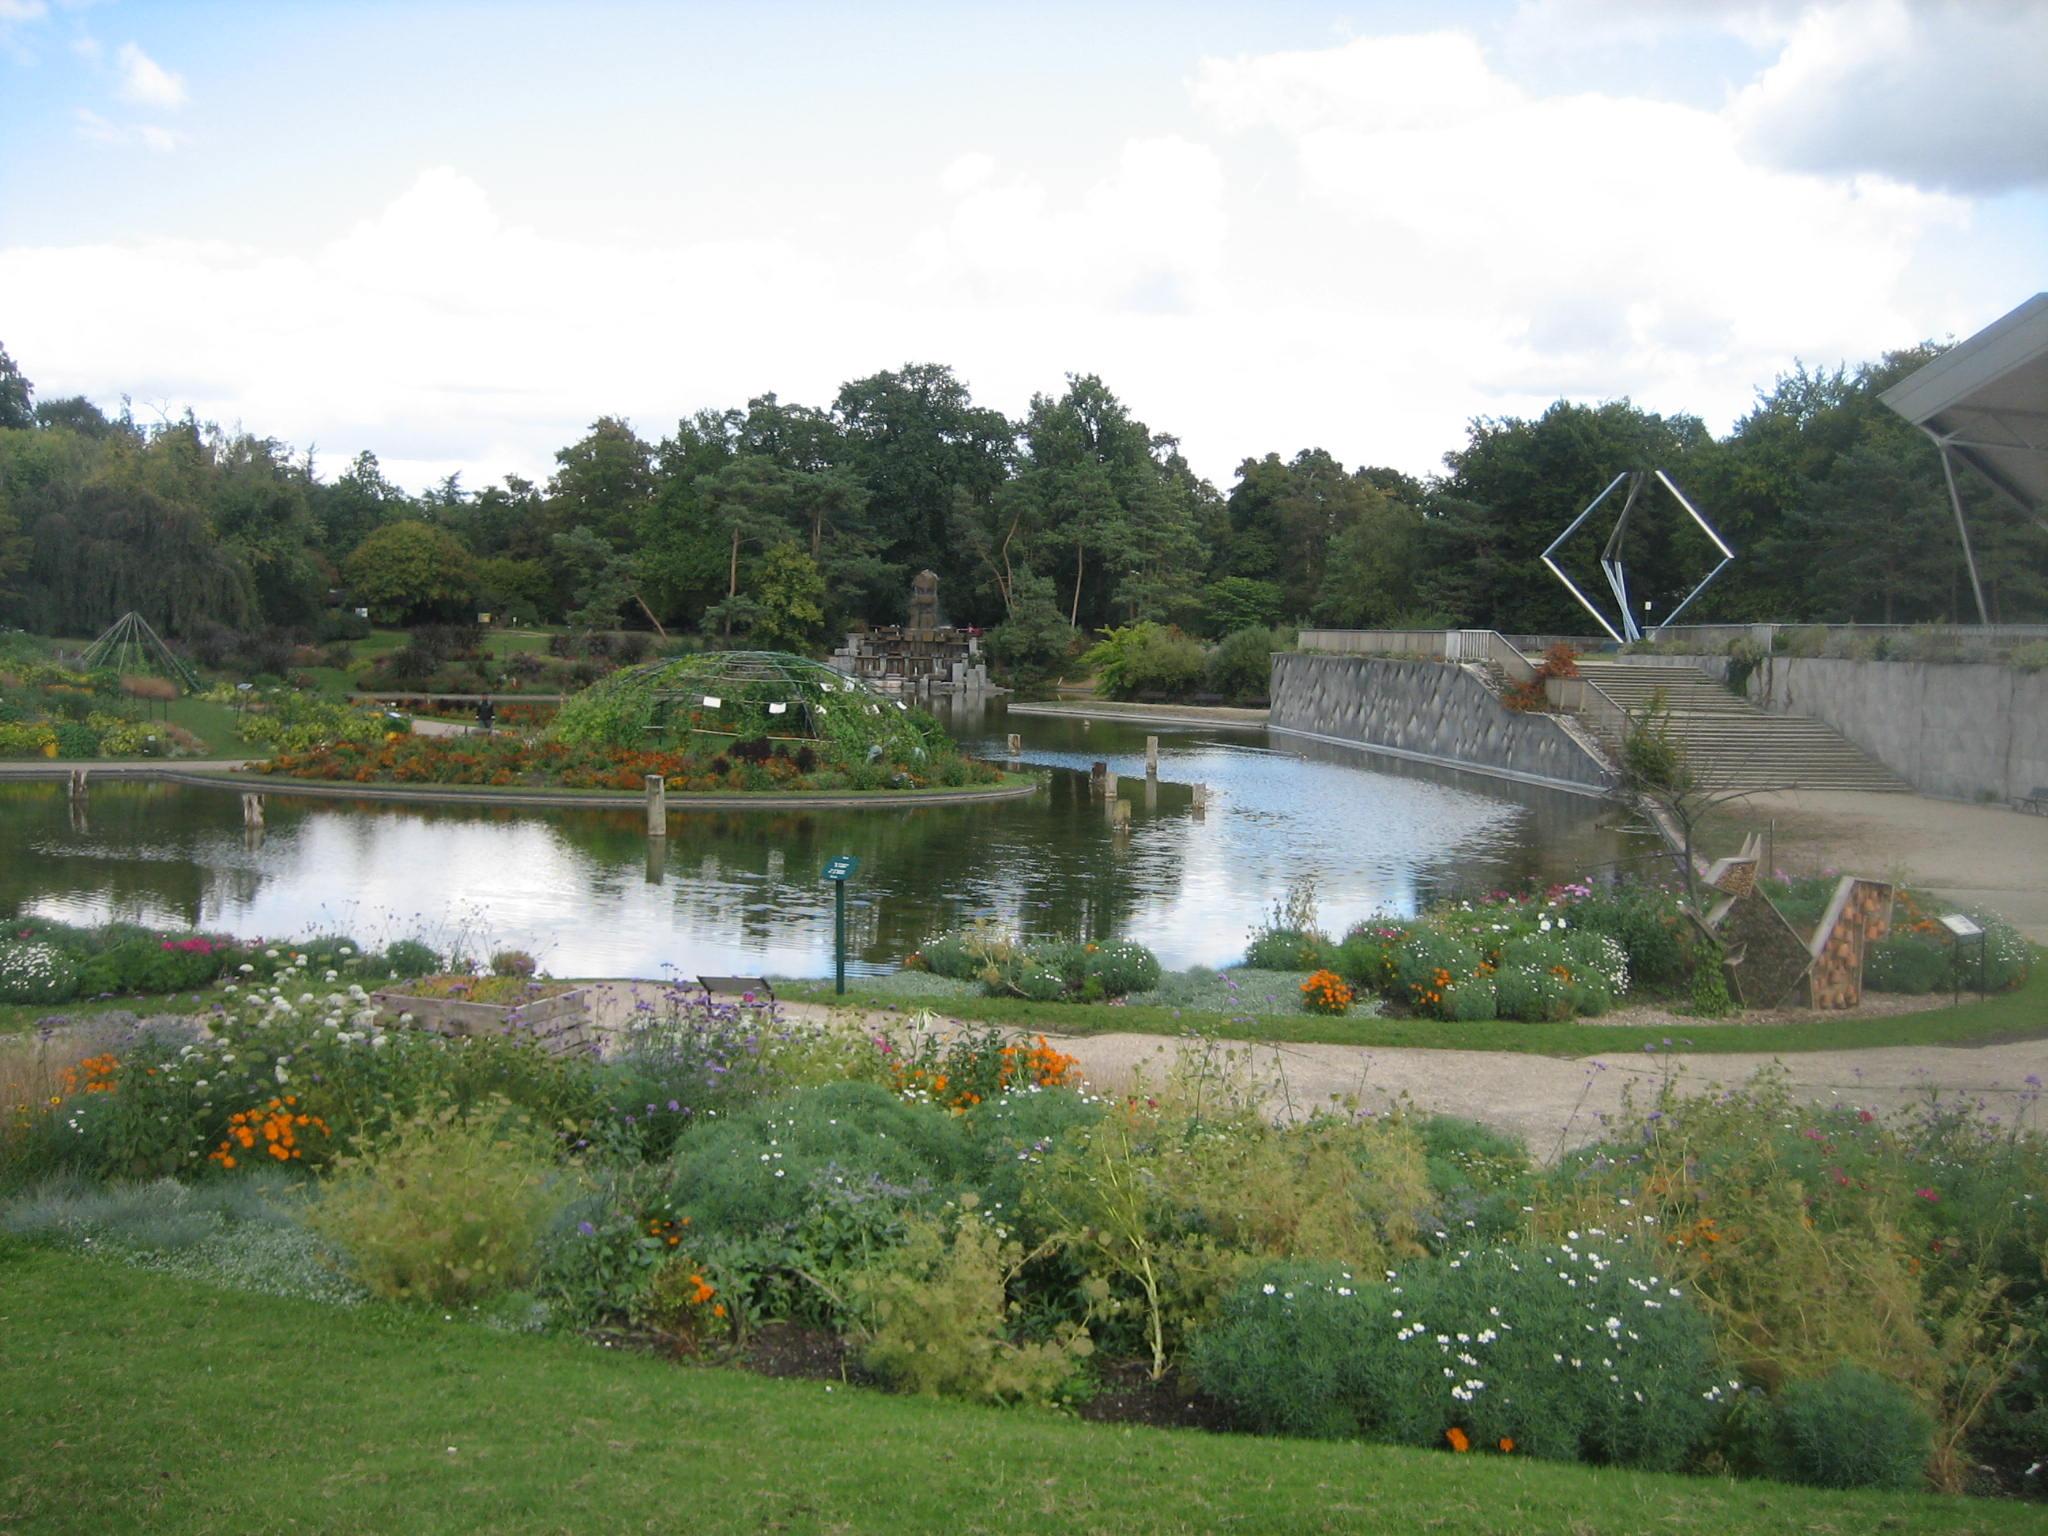 Jardins contemporains 1re partie Parc Floral de Paris Paris